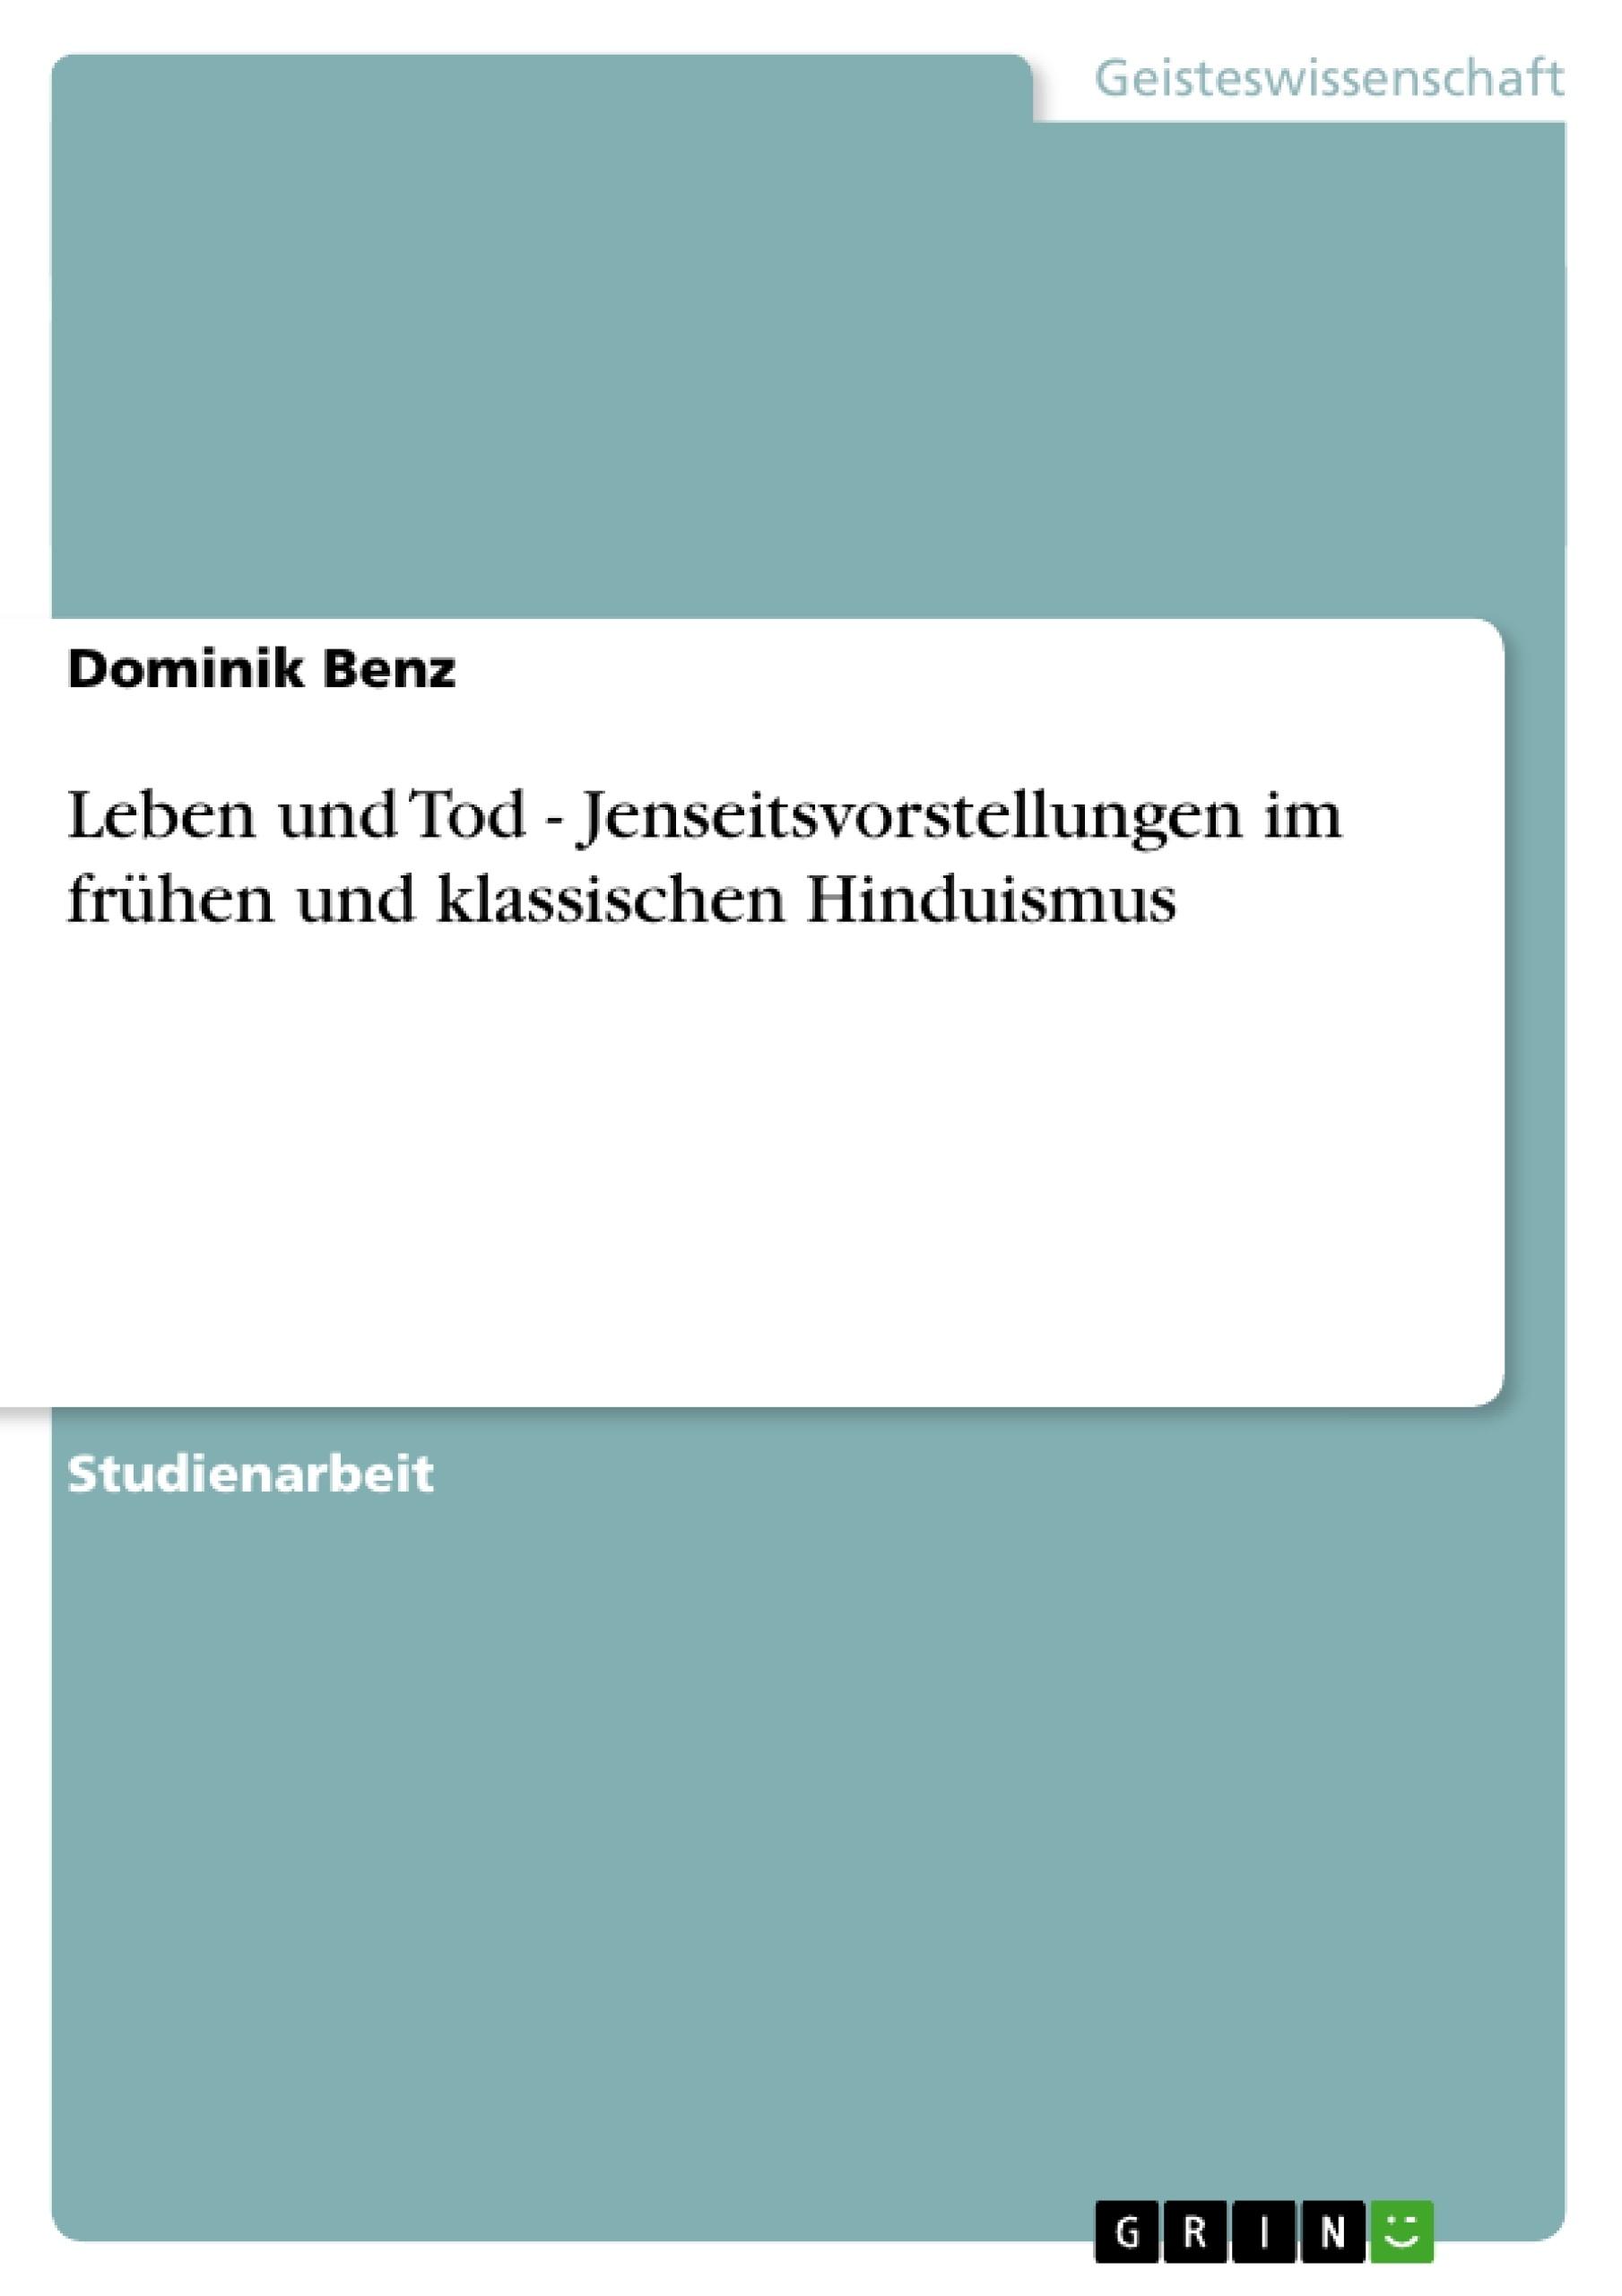 Titel: Leben und Tod - Jenseitsvorstellungen im frühen und klassischen Hinduismus